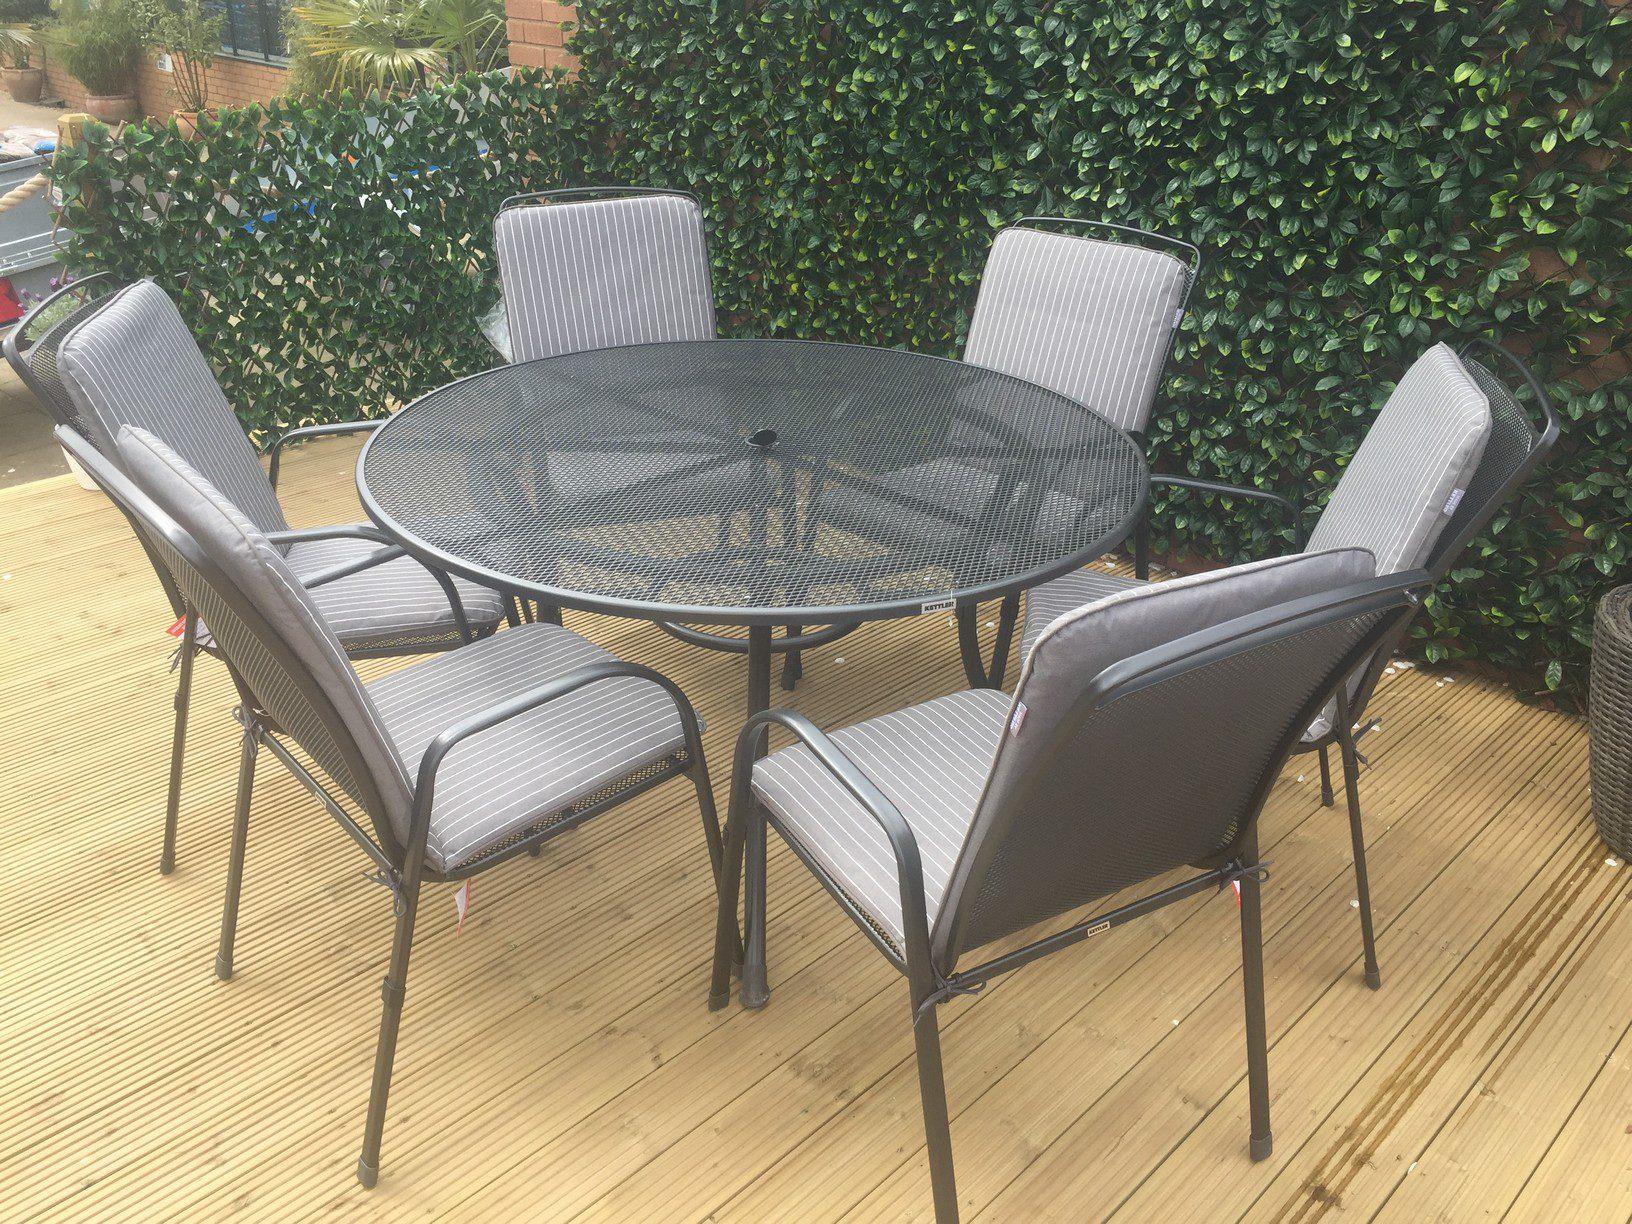 kettler garden furniture norwich camping. Black Bedroom Furniture Sets. Home Design Ideas